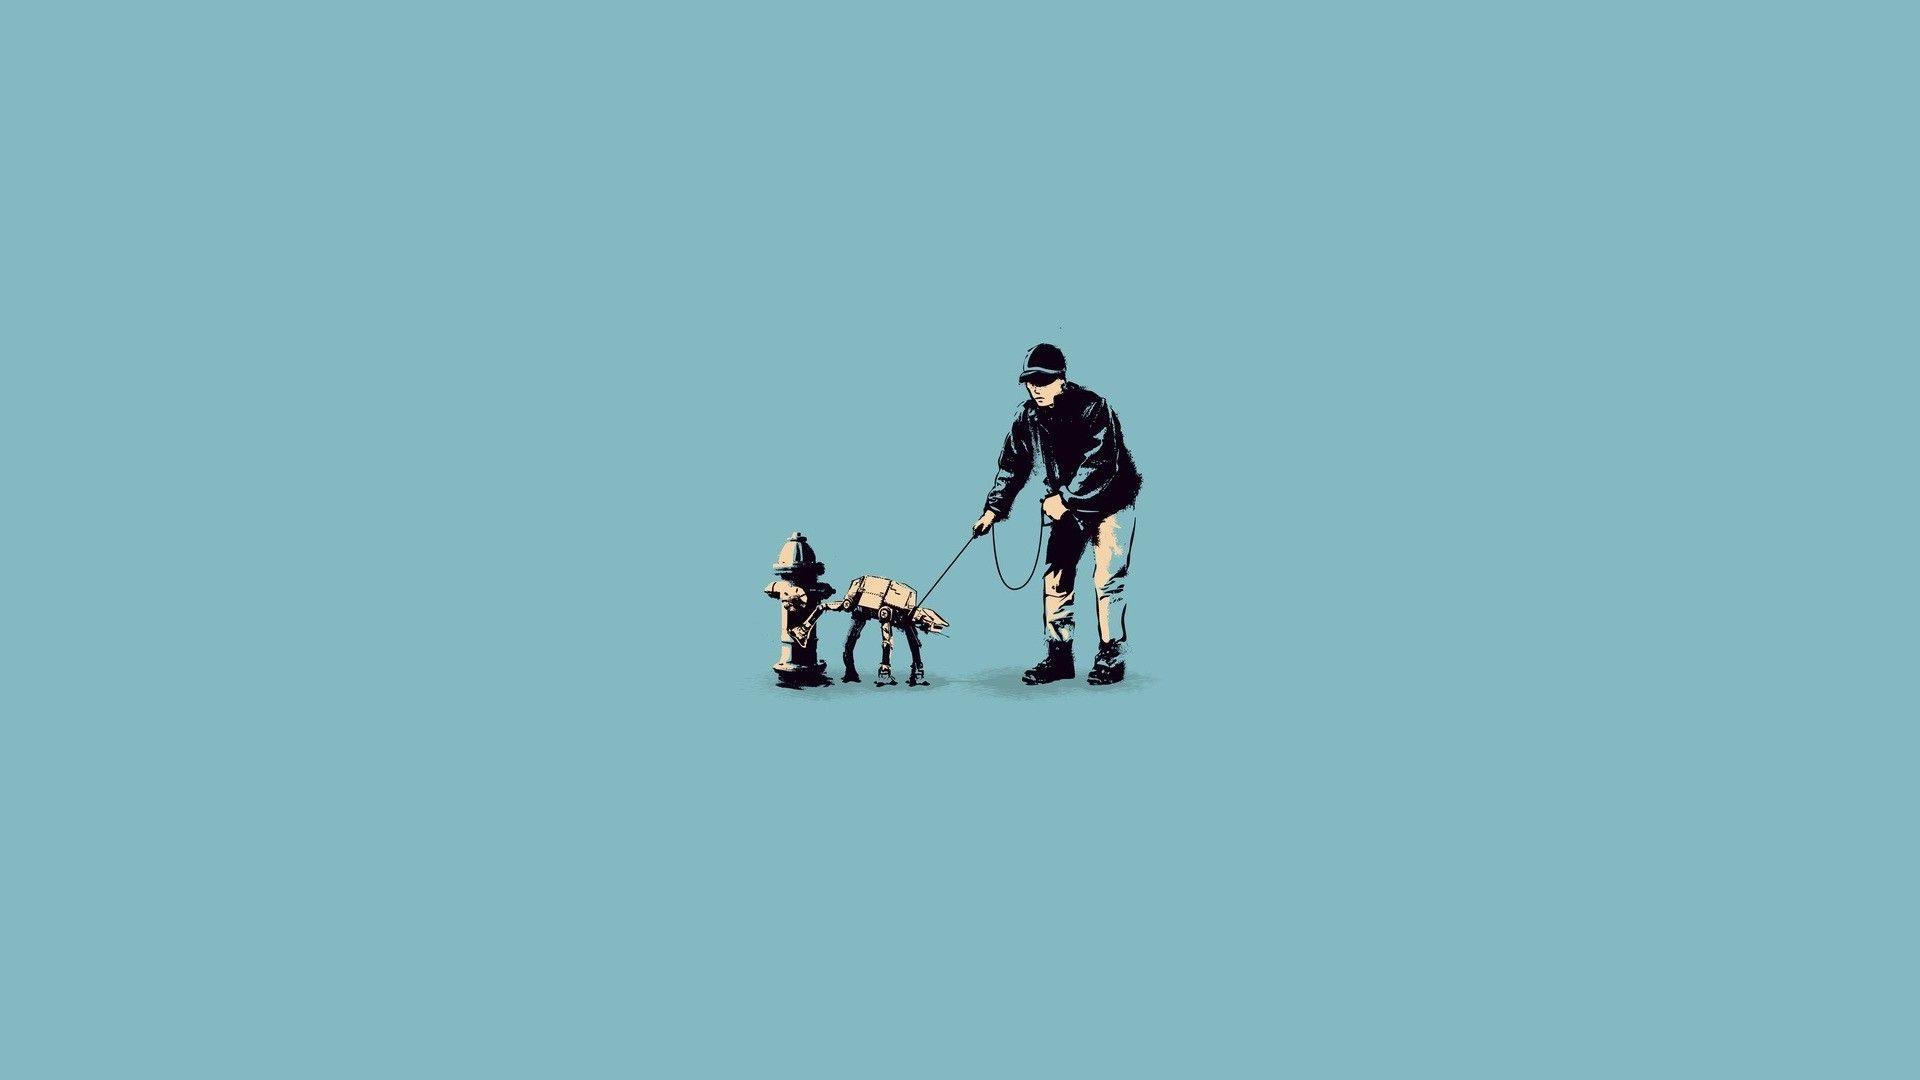 Star Wars Minimalist beautiful wallpaper